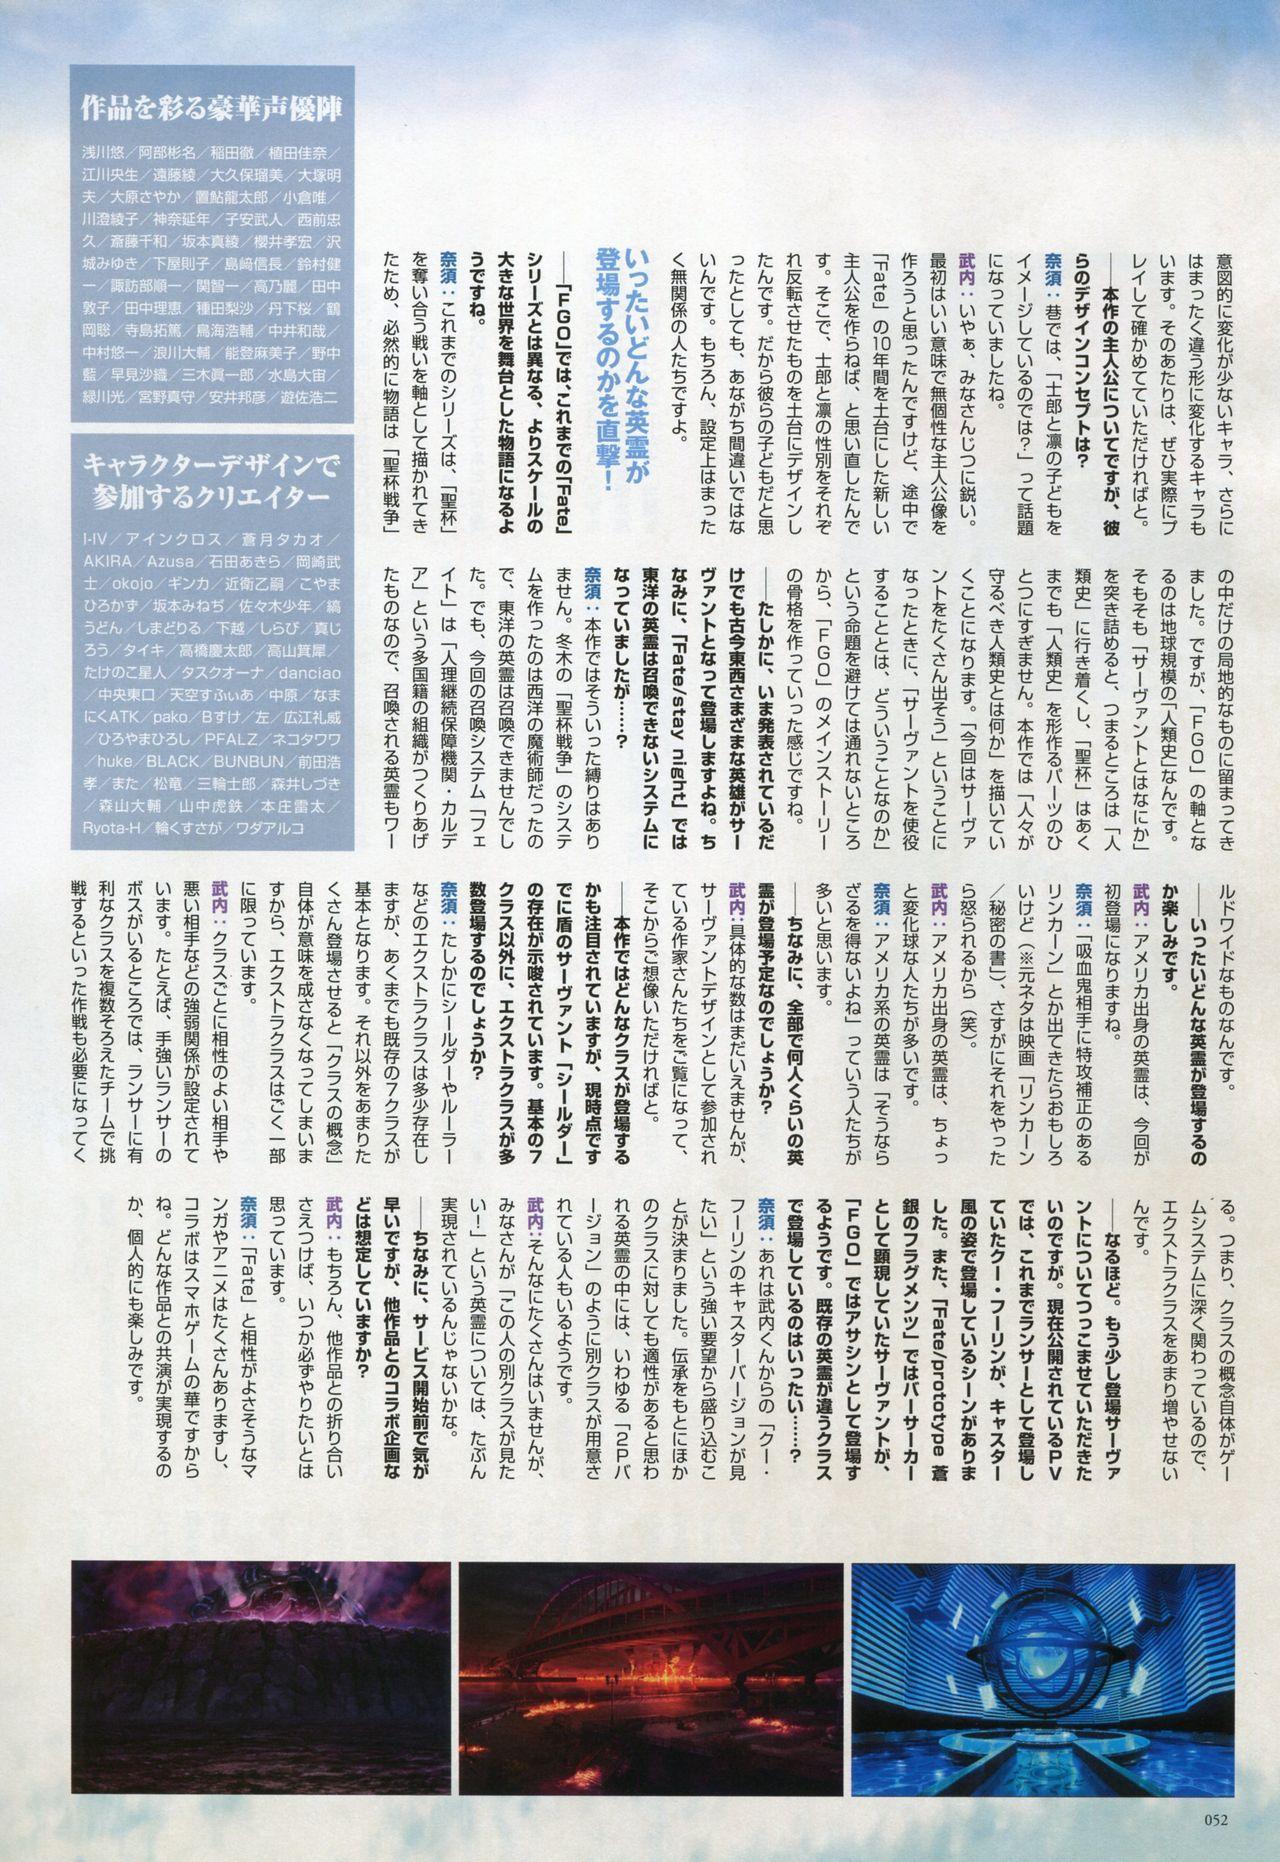 【型月考据】咕哒君不是远坂凛的孩子,限制零毁是士郎的完成型而非千子村正- ACG17.COM